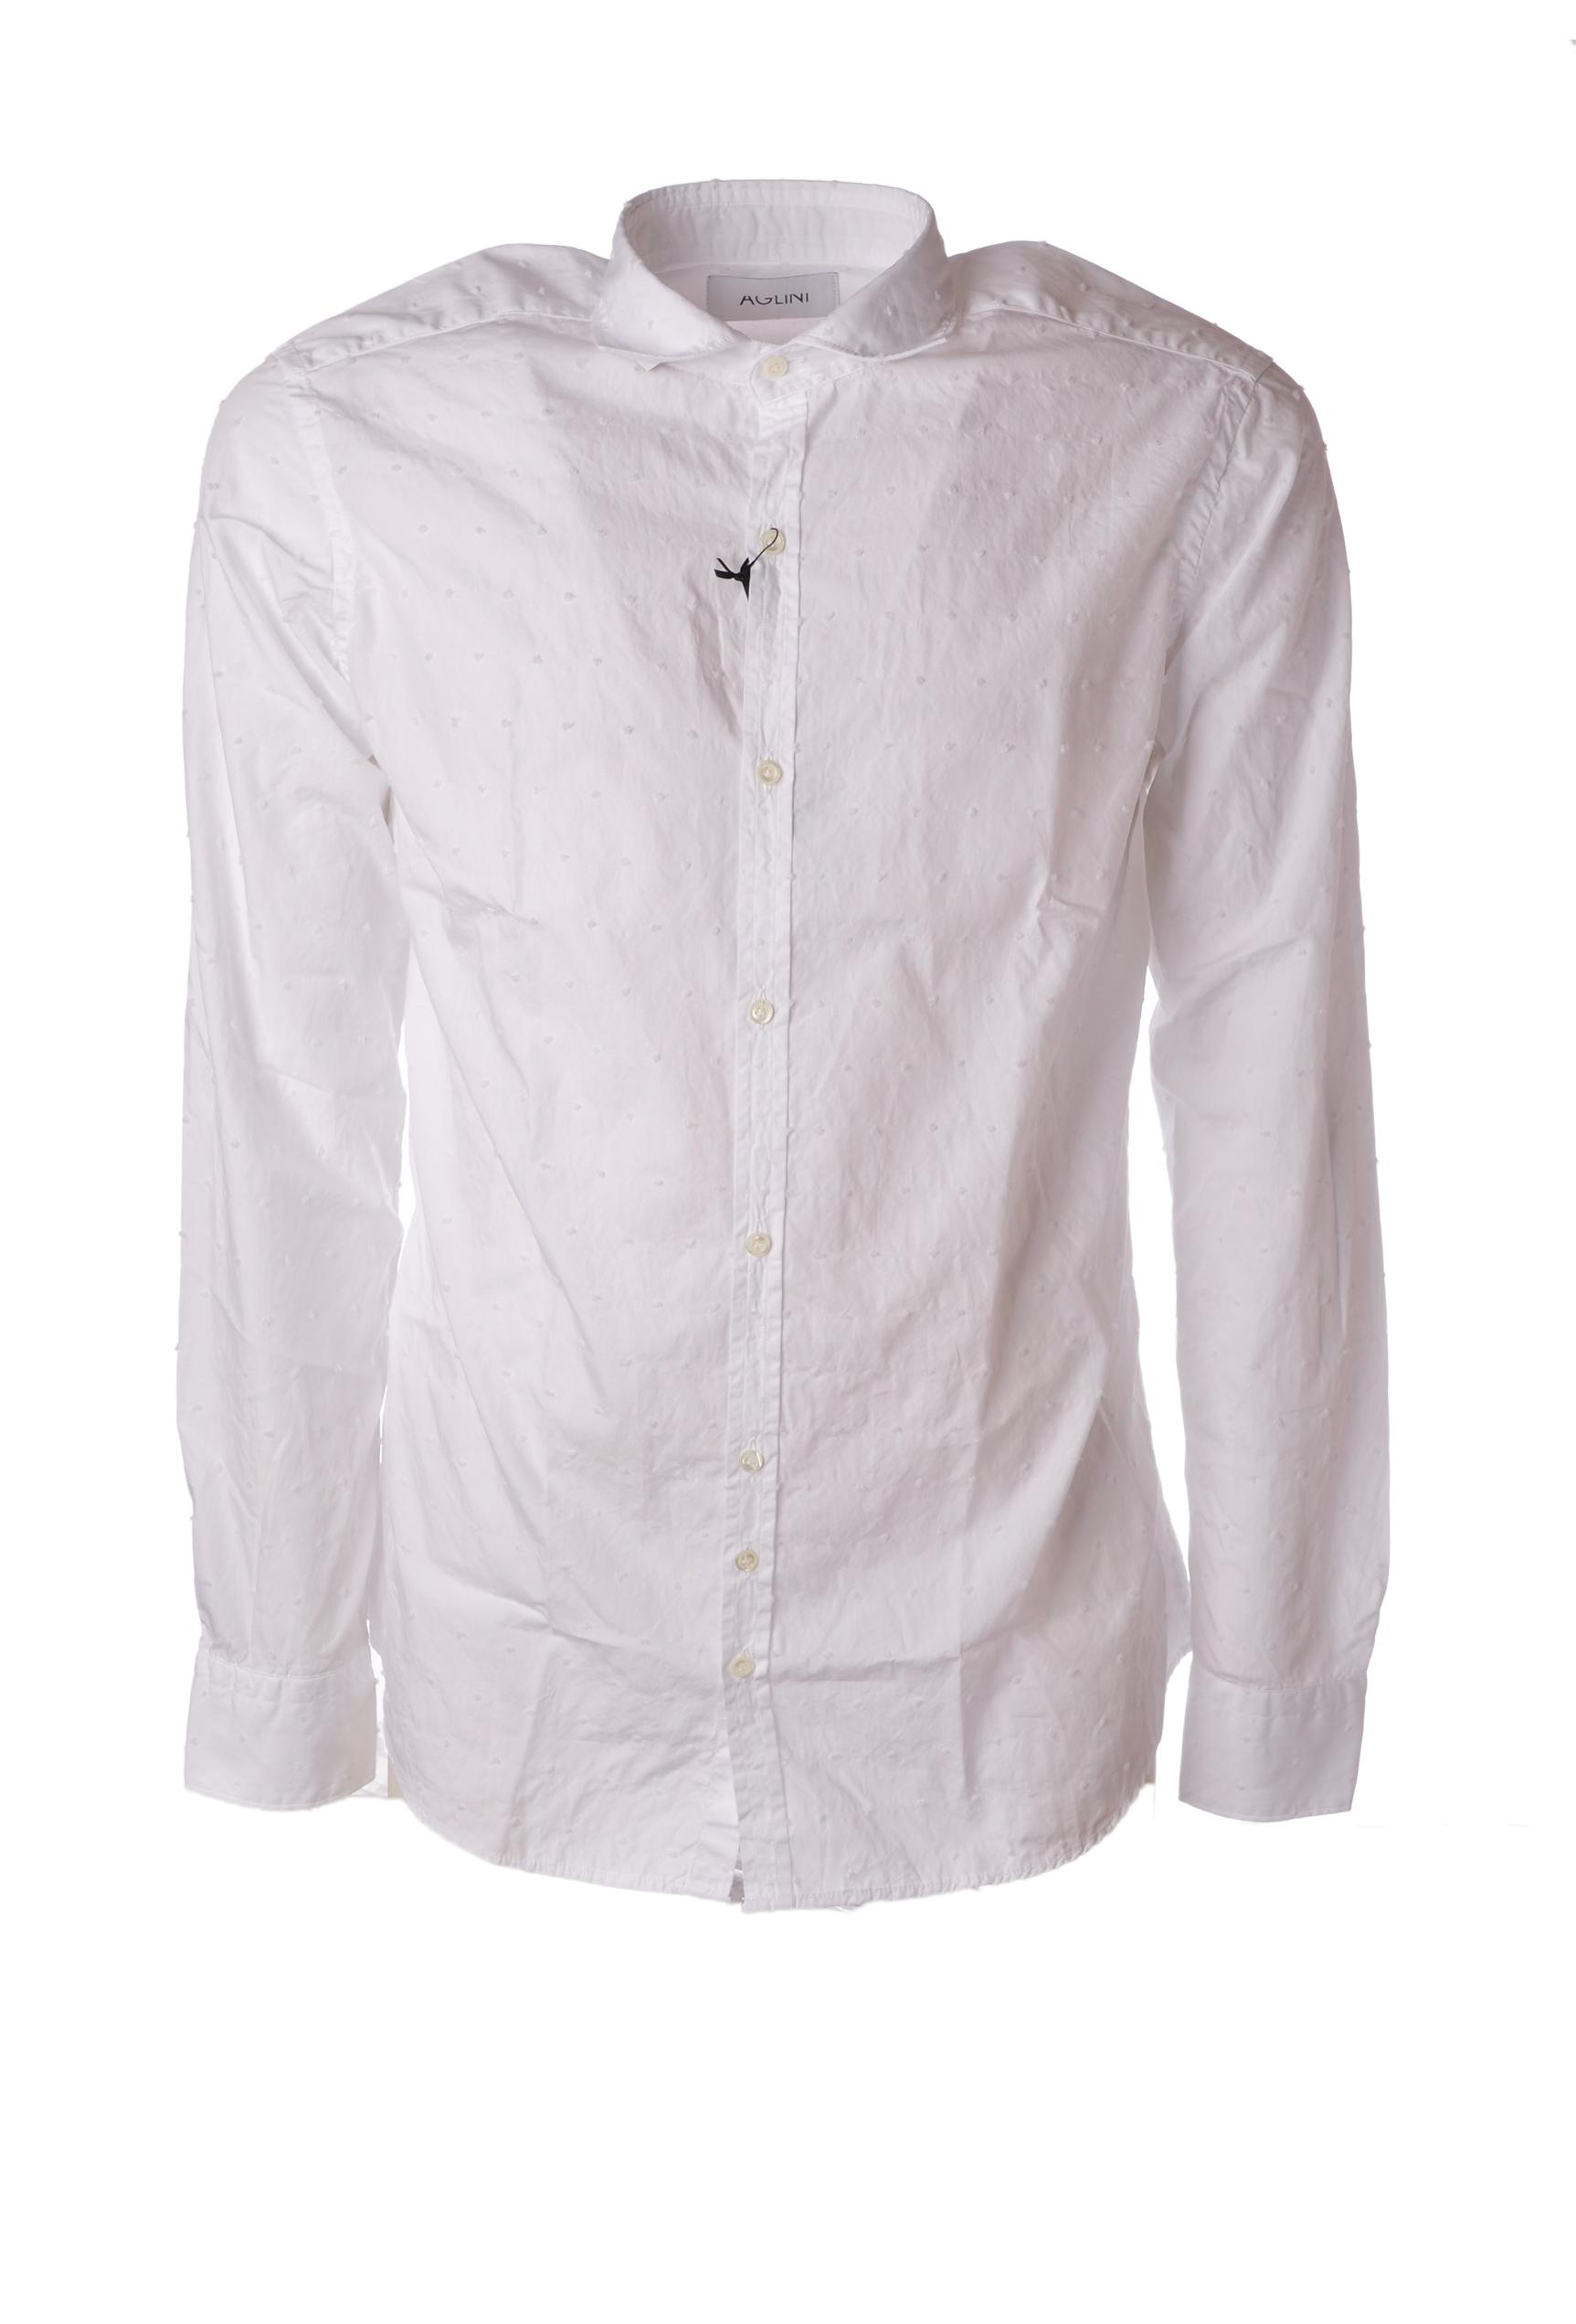 """Aglini """"camicia tessuto lavorato"""" Camicia"""